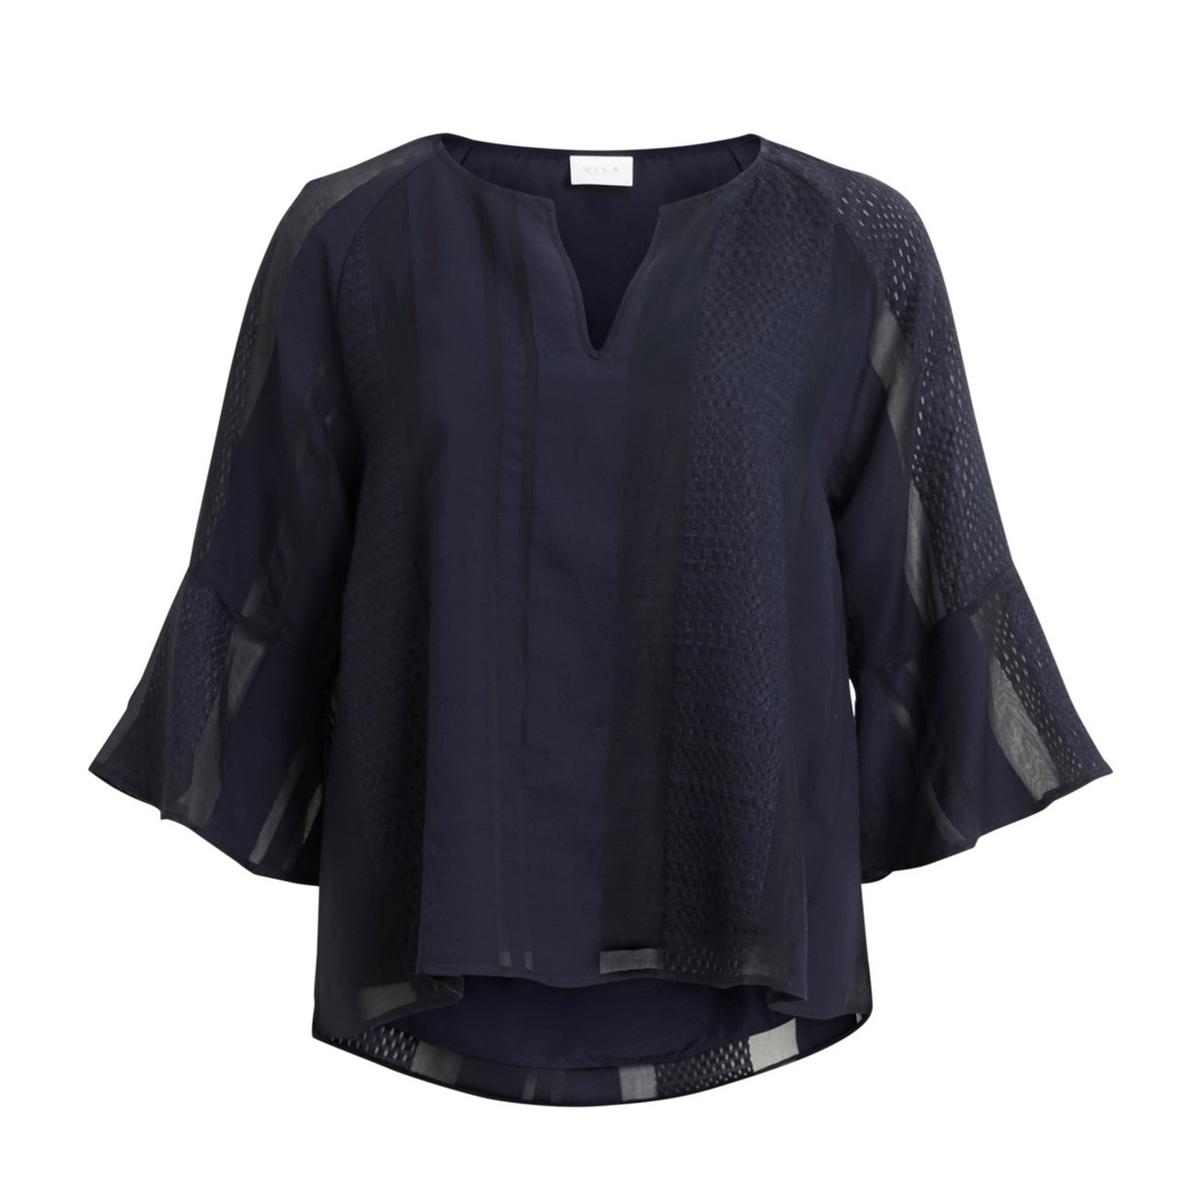 Блузка La Redoute С рукавми и V-образным вырезом 36 (FR) - 42 (RUS) синий блузка la redoute в клетку с украшениями на вырезе 36 fr 42 rus синий